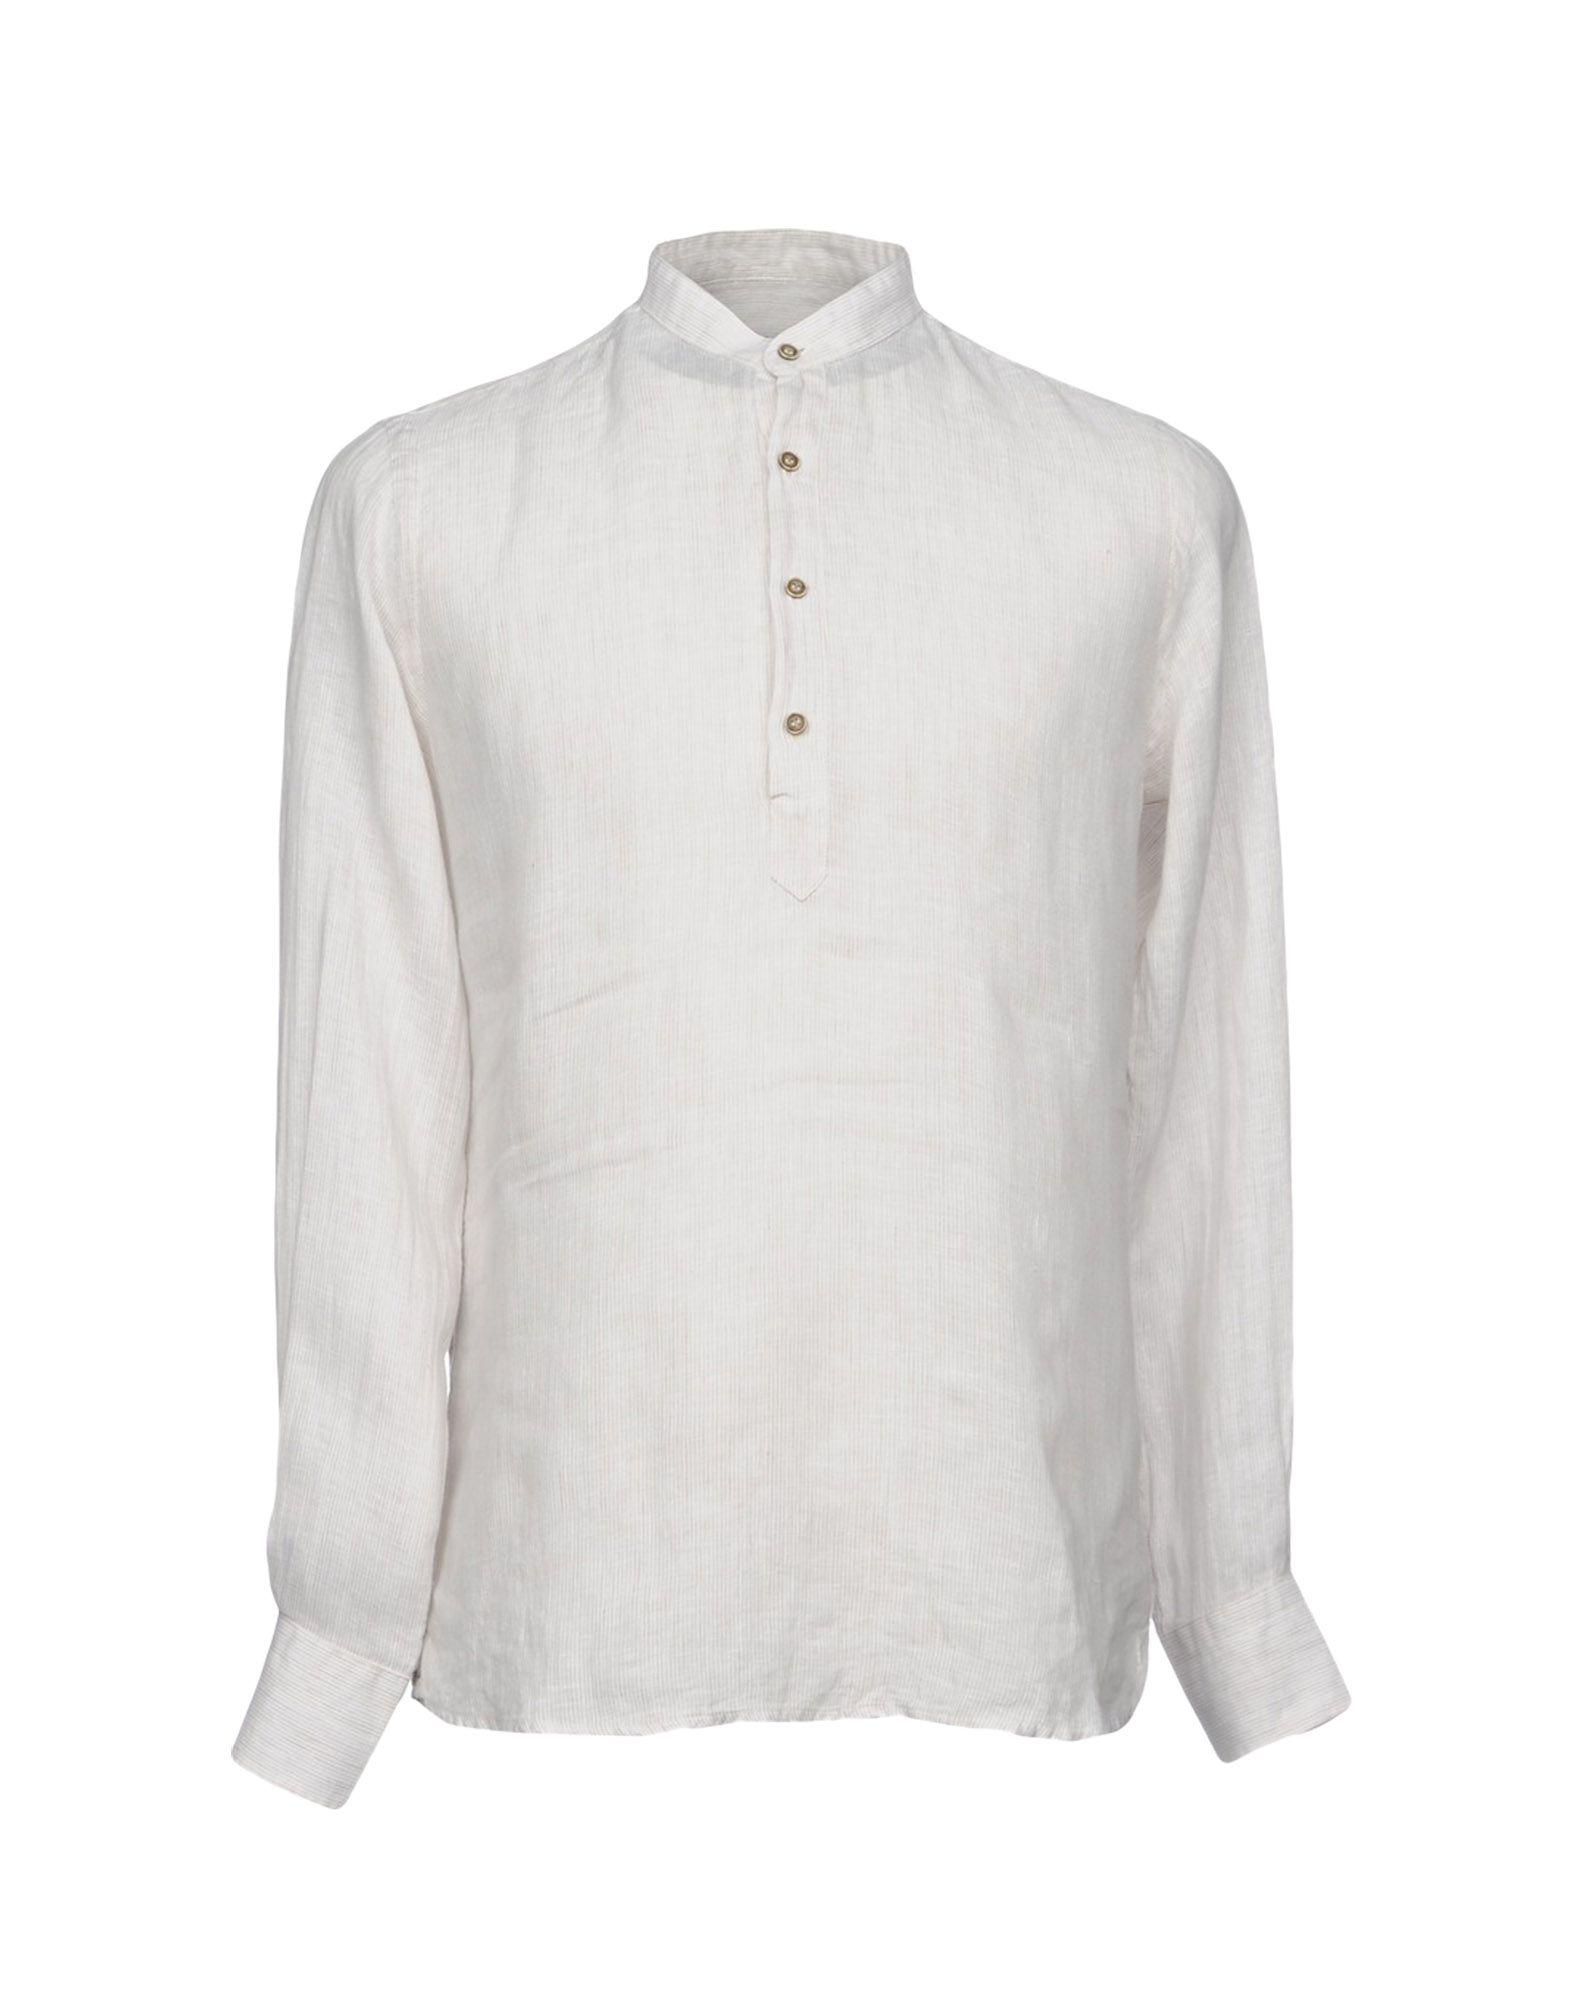 《セール開催中》PAUL MIRANDA メンズ シャツ ライトグレー S 麻 100%